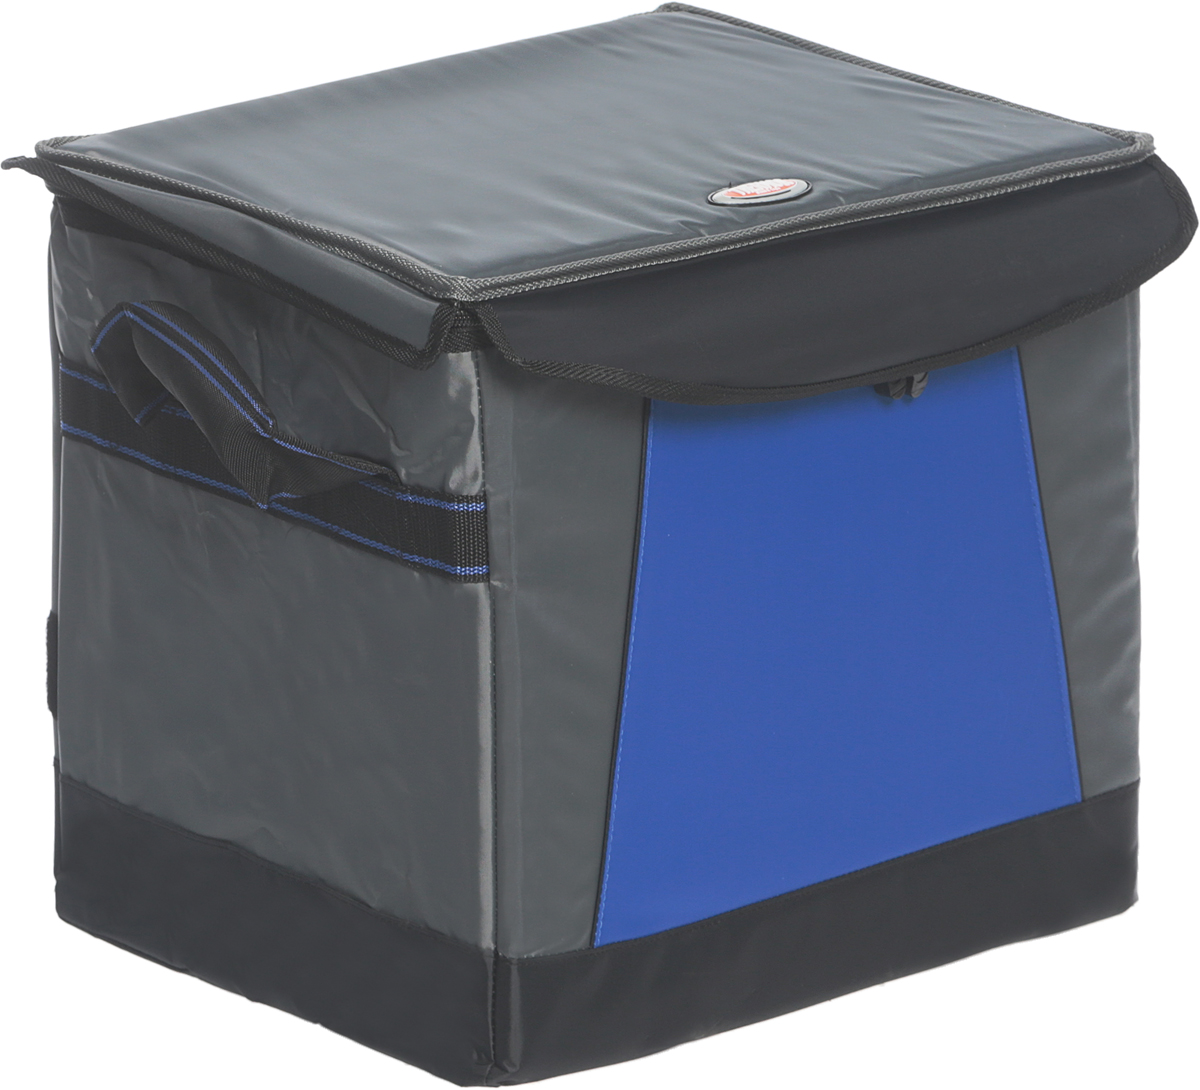 Термосумка Thermos Collapsible Party Chest, складная, цвет: серый, синий, 40 л